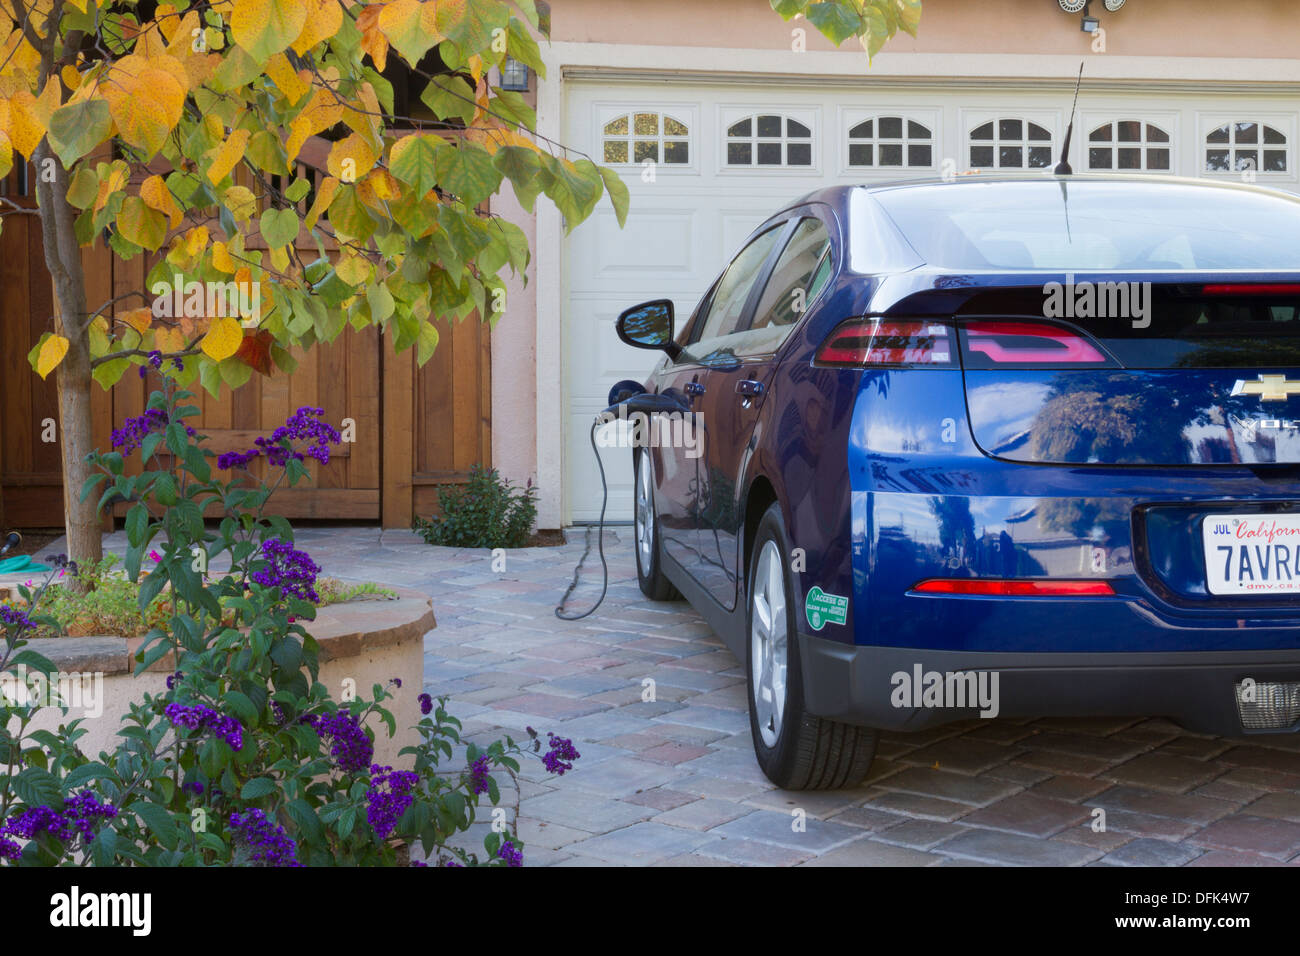 Plug-in auto elettrica con adesivo carpool parcheggiato nel viale di accesso con il connettore collegato alla presa di corrente e caricare a casa Immagini Stock